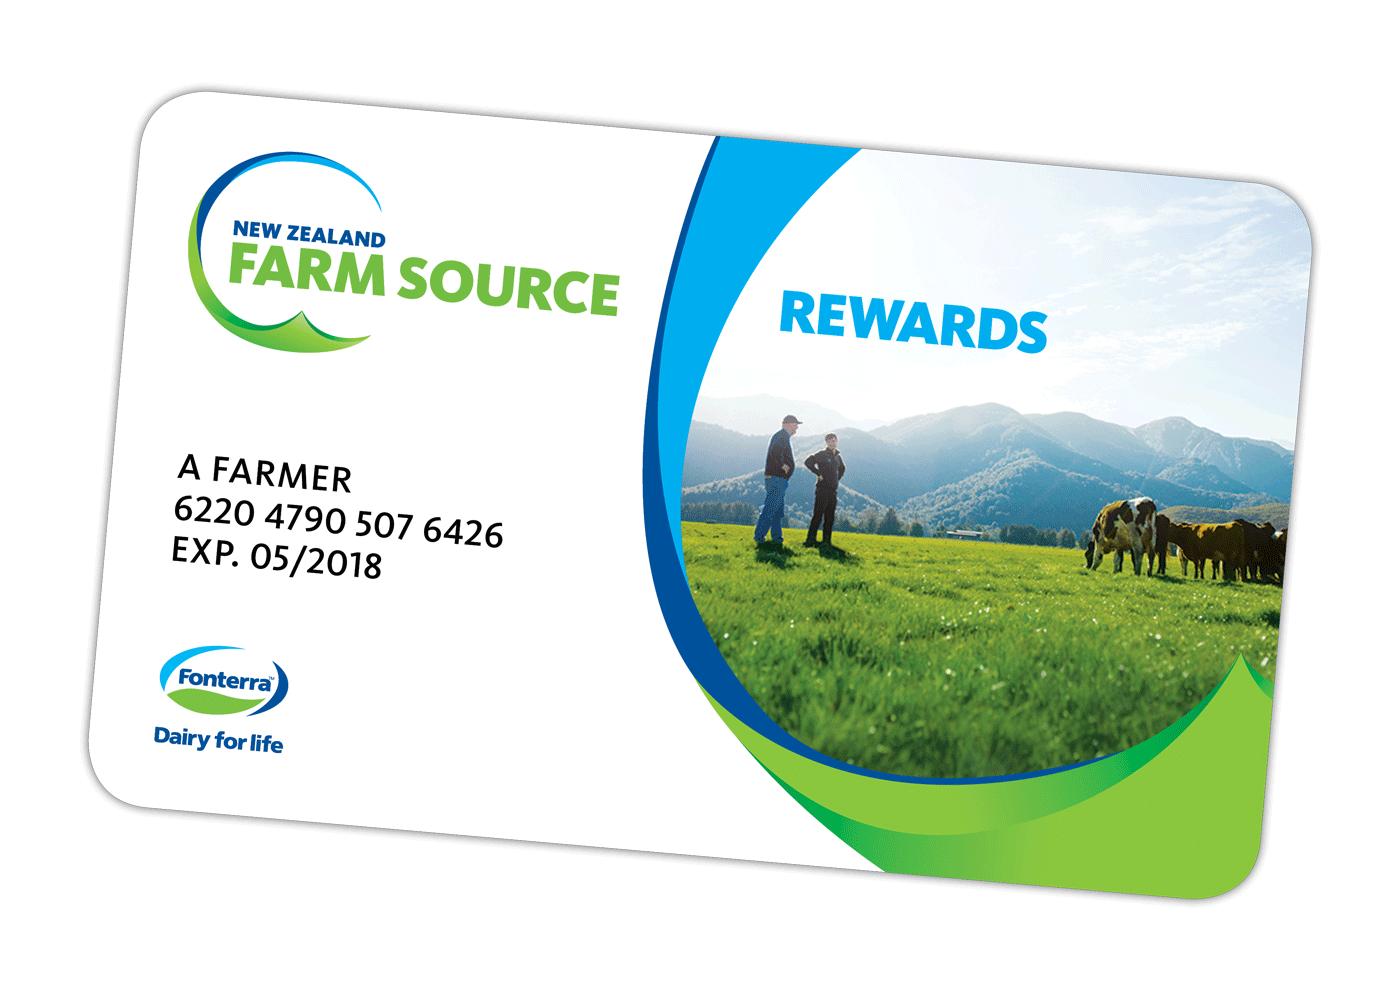 Farm source logo